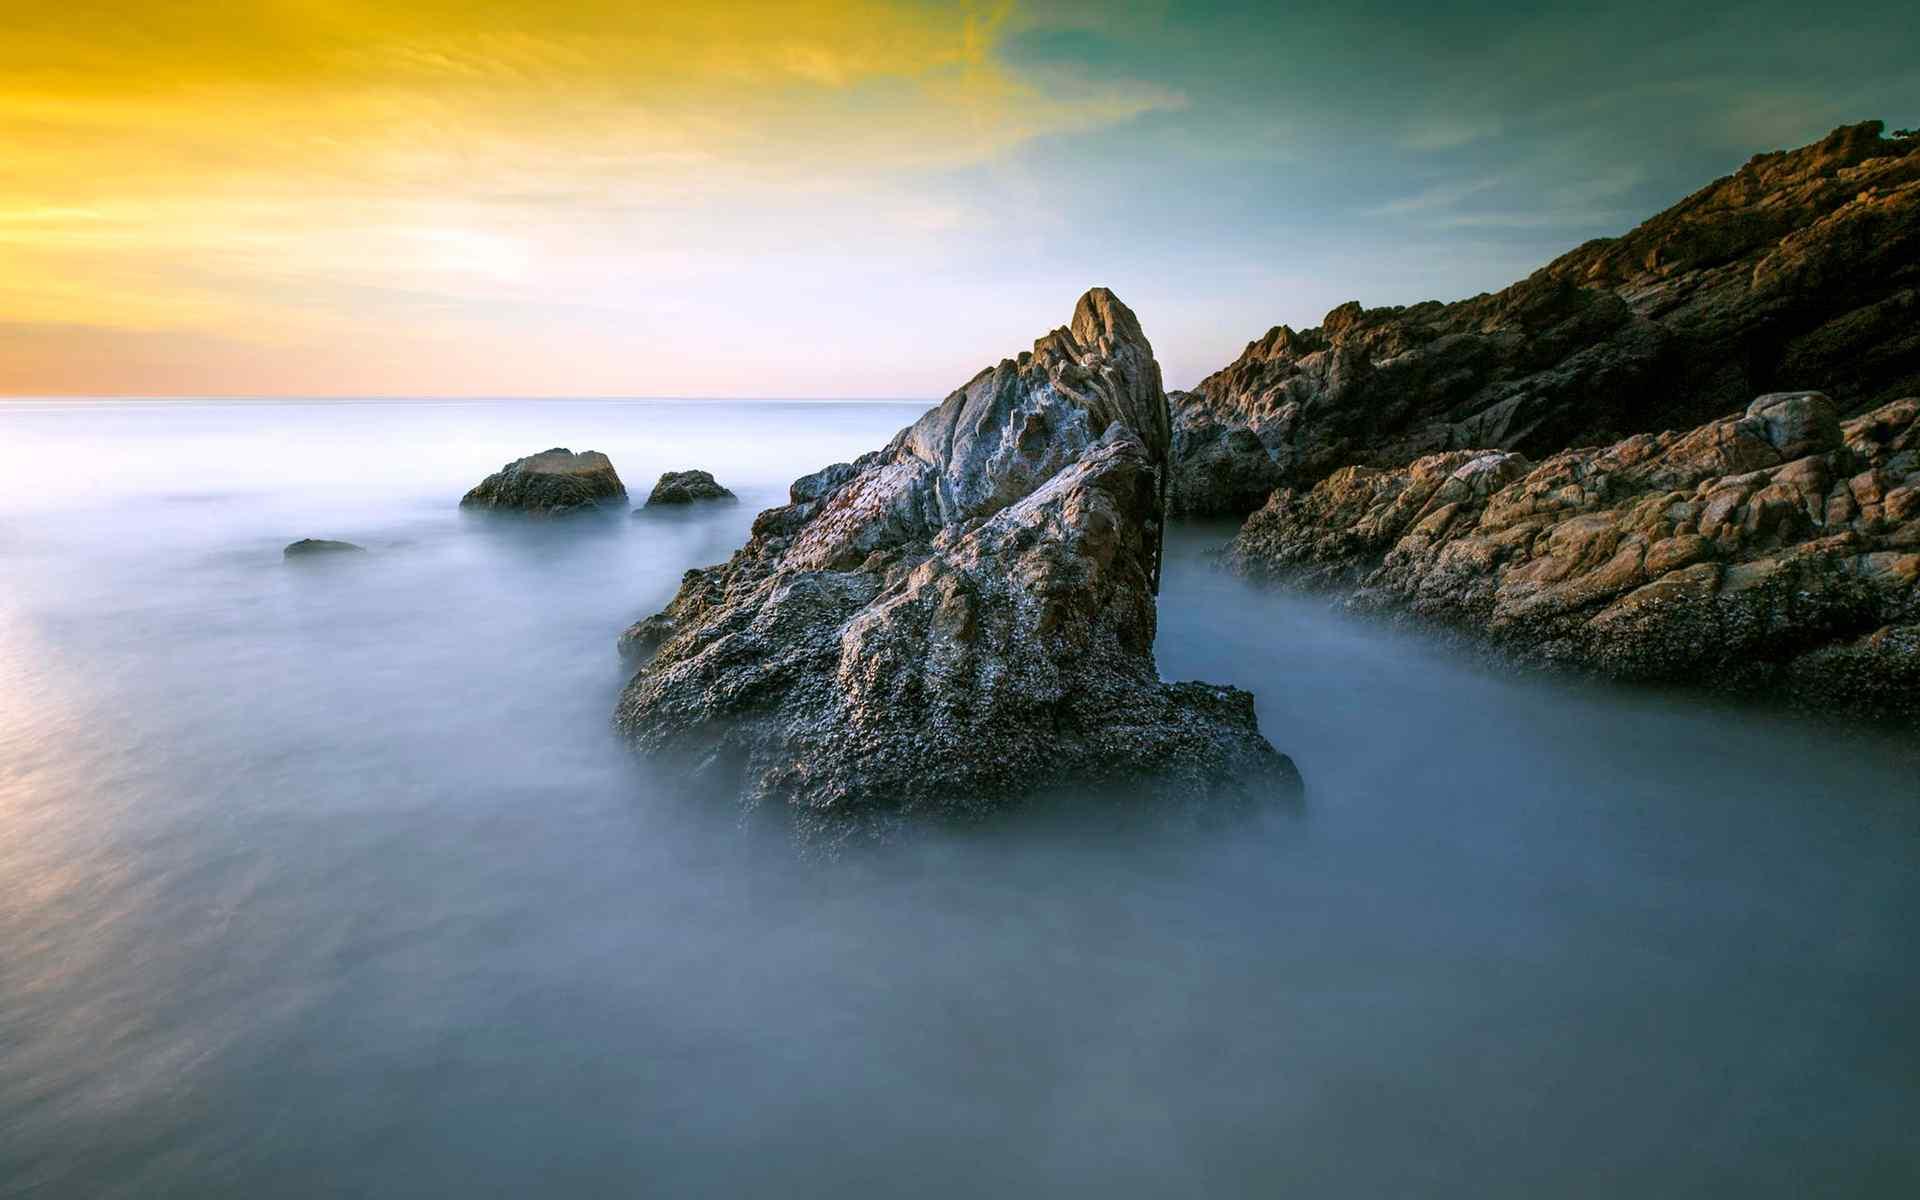 绚烂唯美的晚霞风景图片高清壁纸